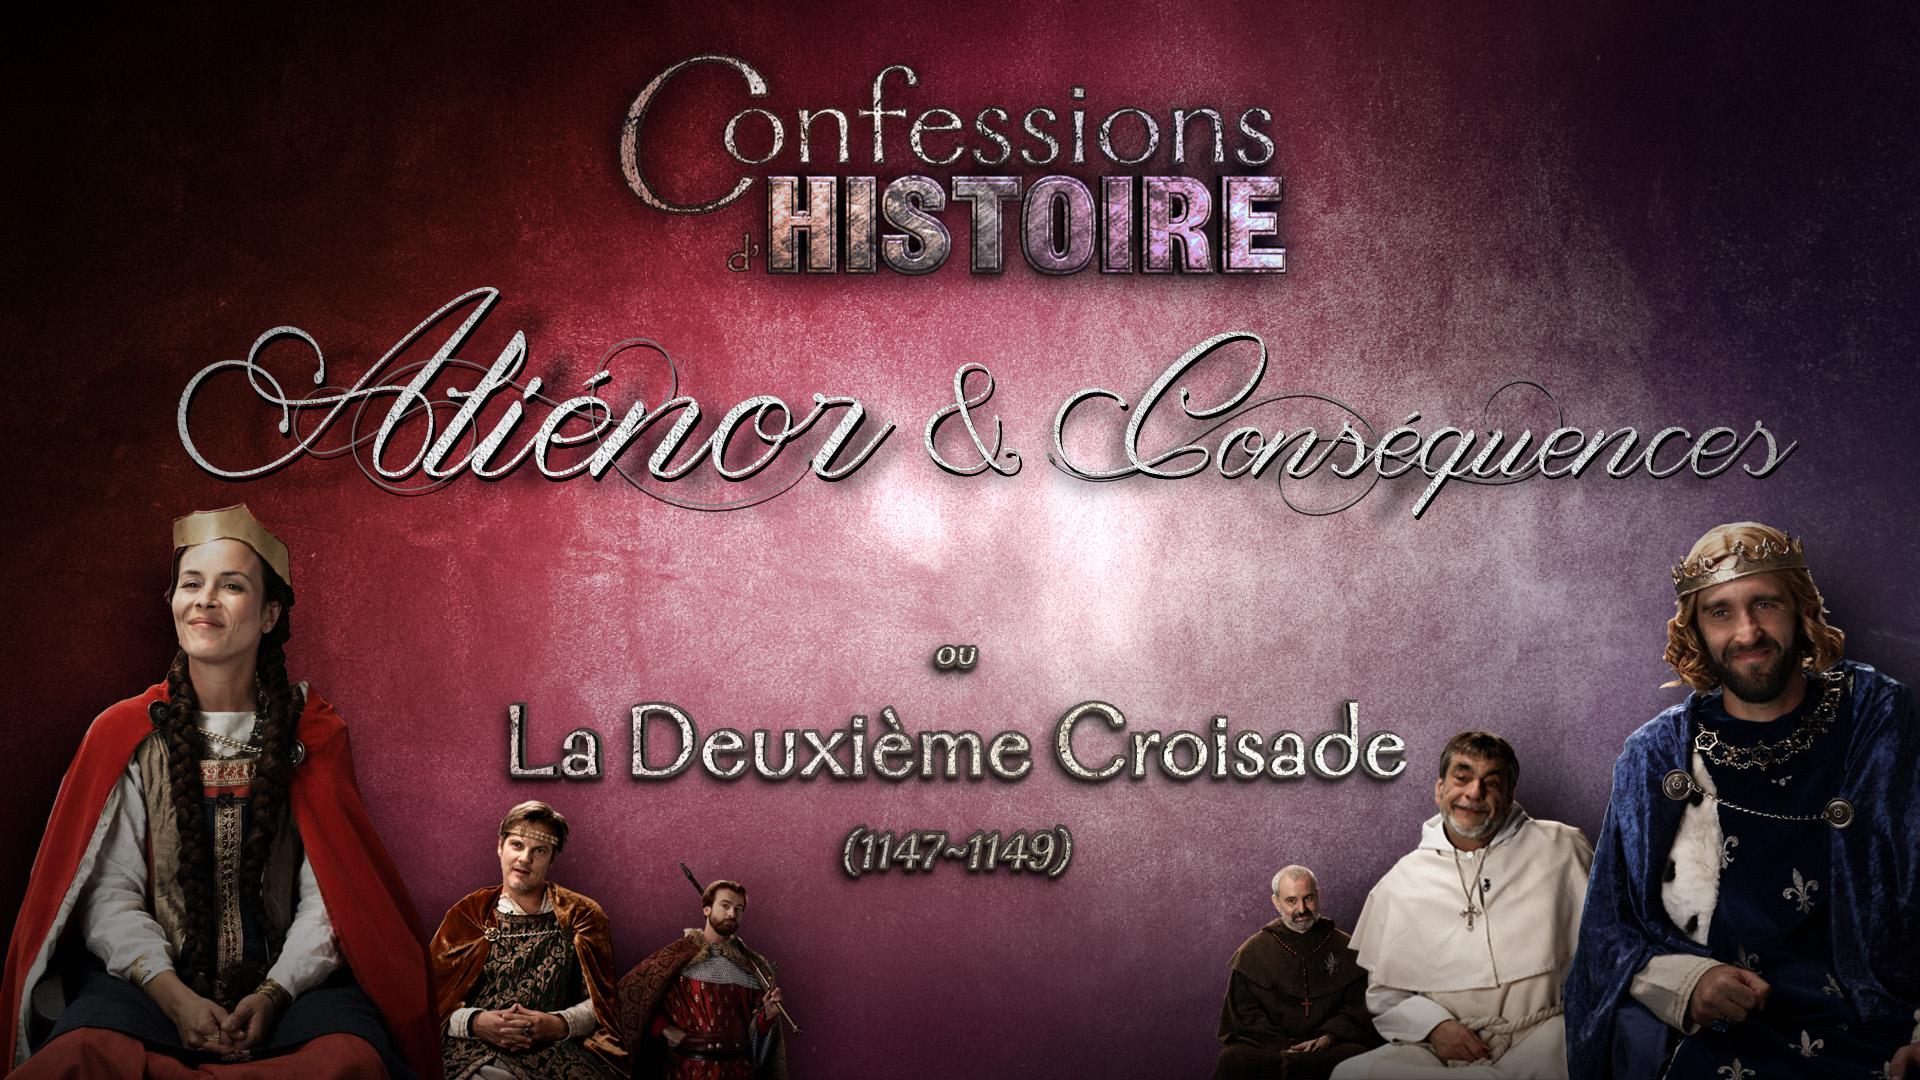 Aliénor d'Aquitaine & Deuxième Croisade